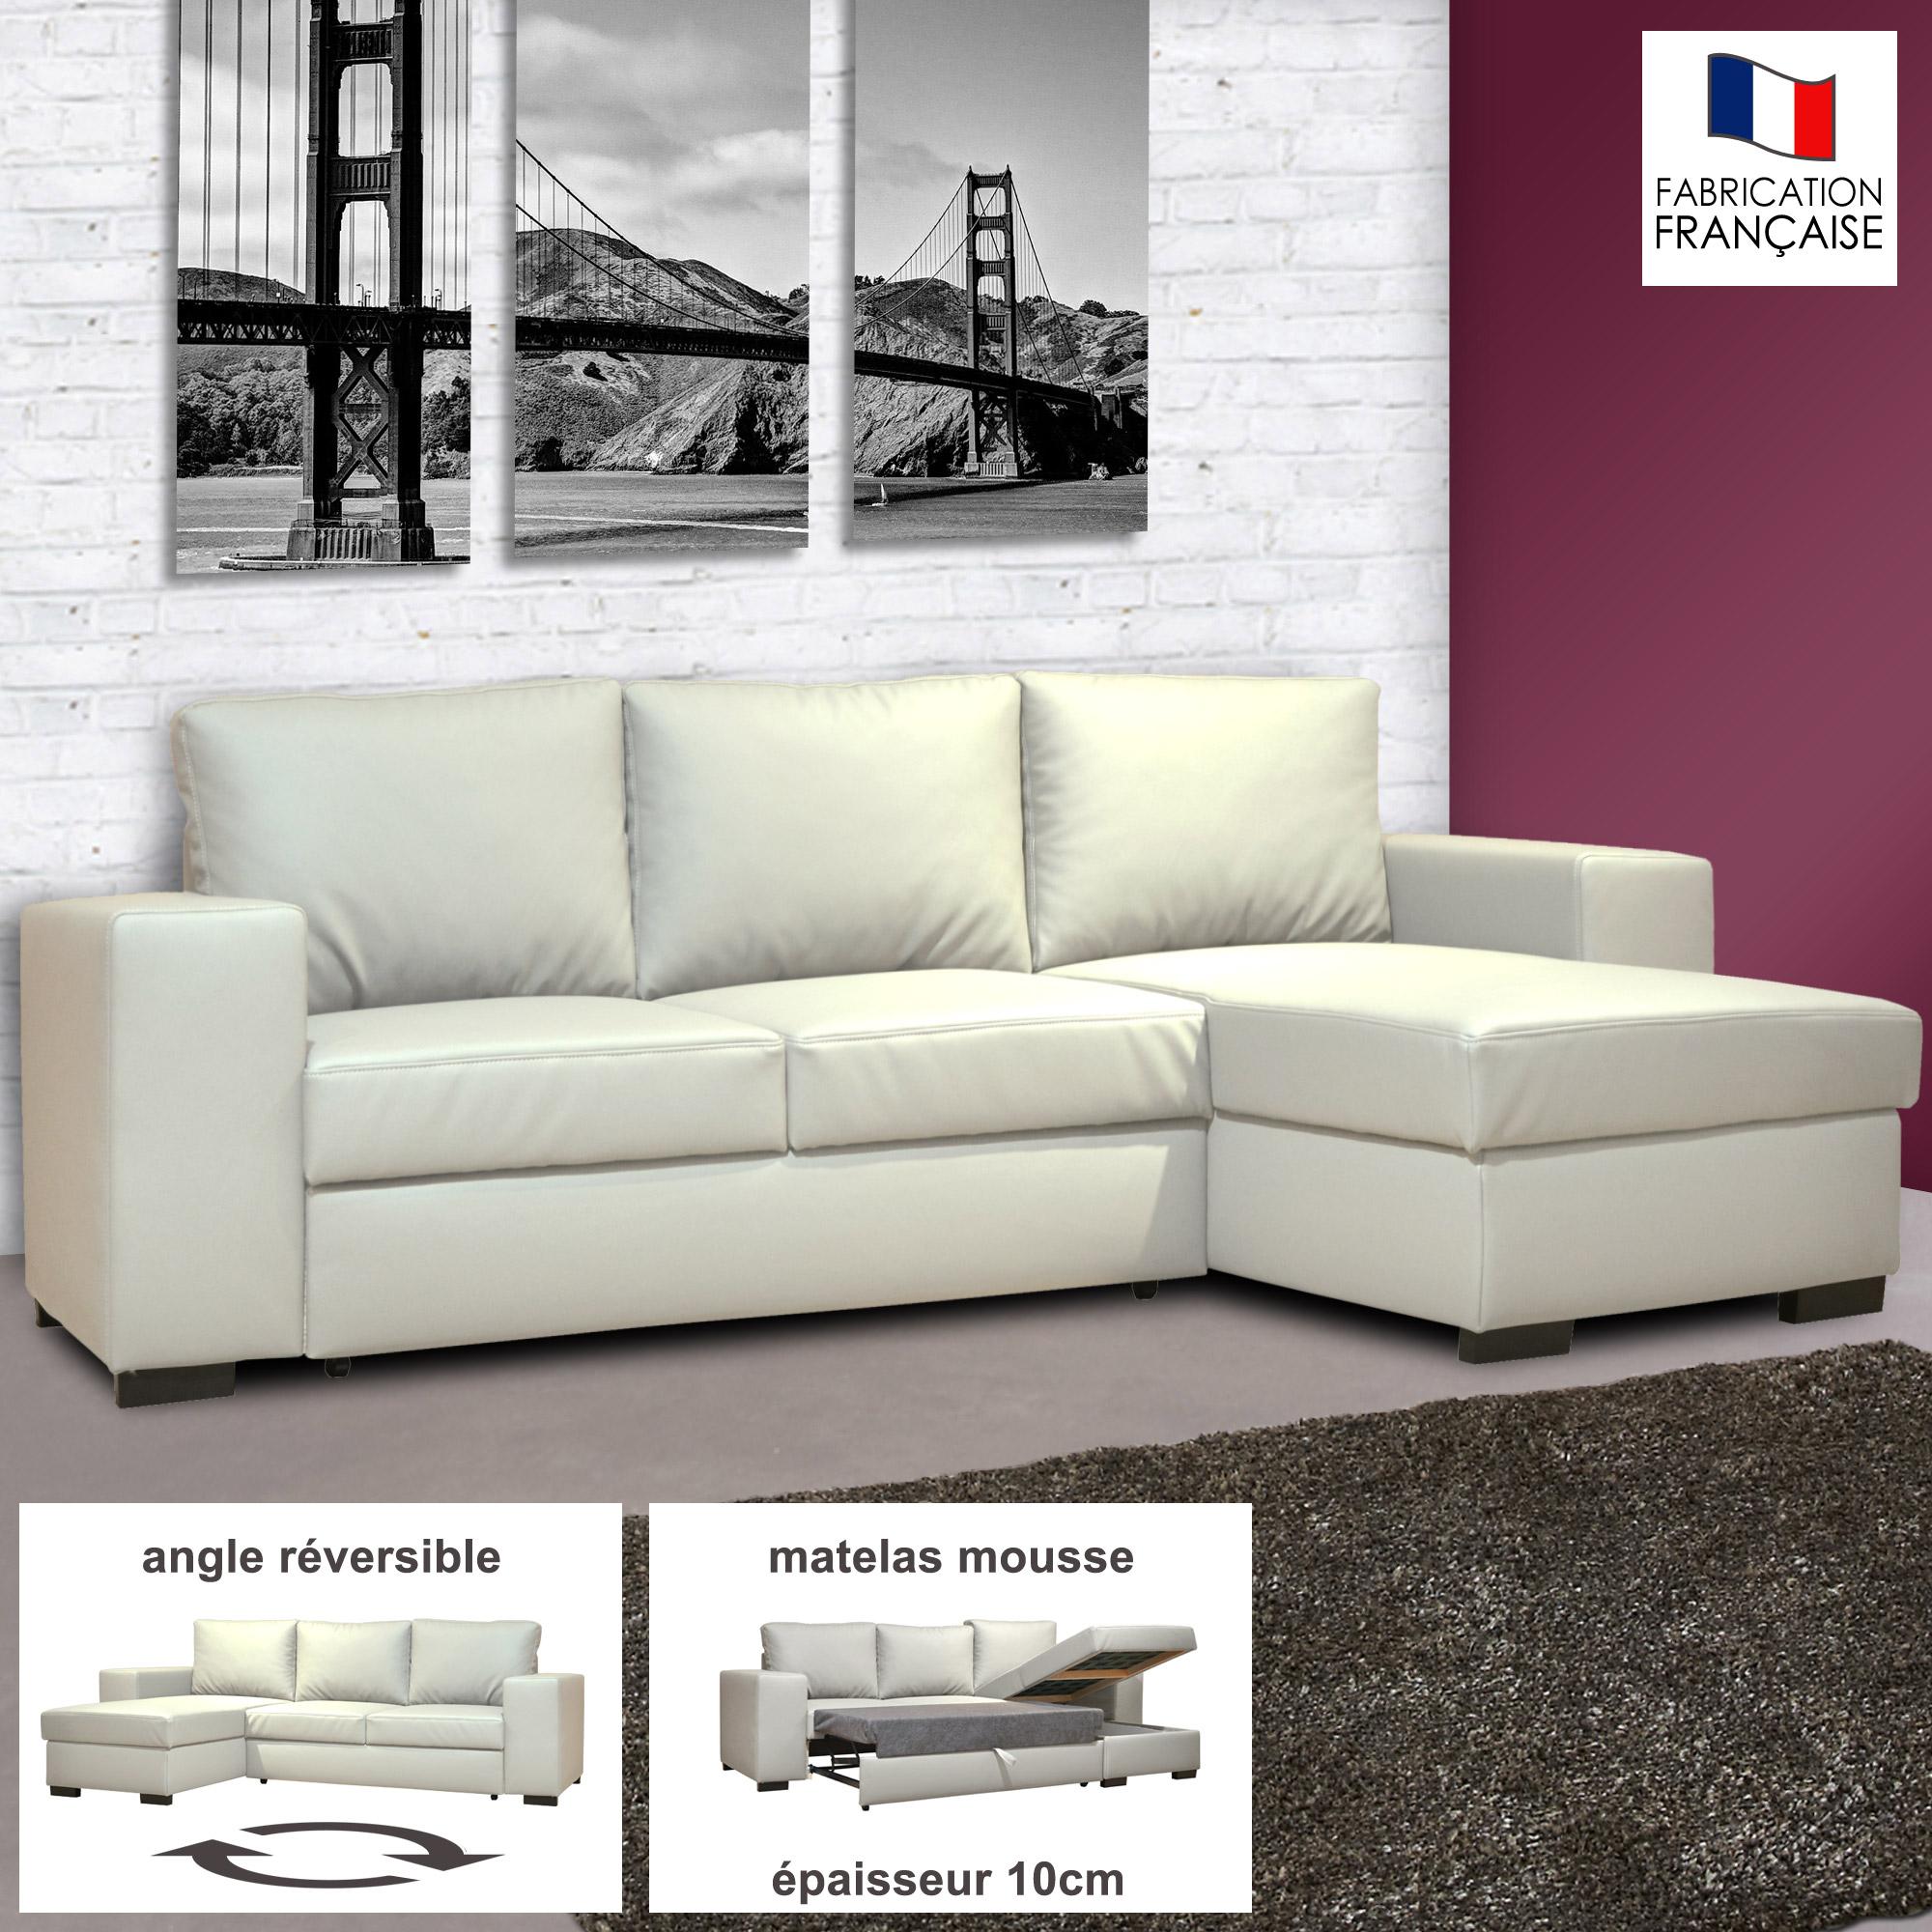 Canap d 39 angle r versible convertible en pu coloris blanc stewart ebay - Canape d angle livraison gratuite ...